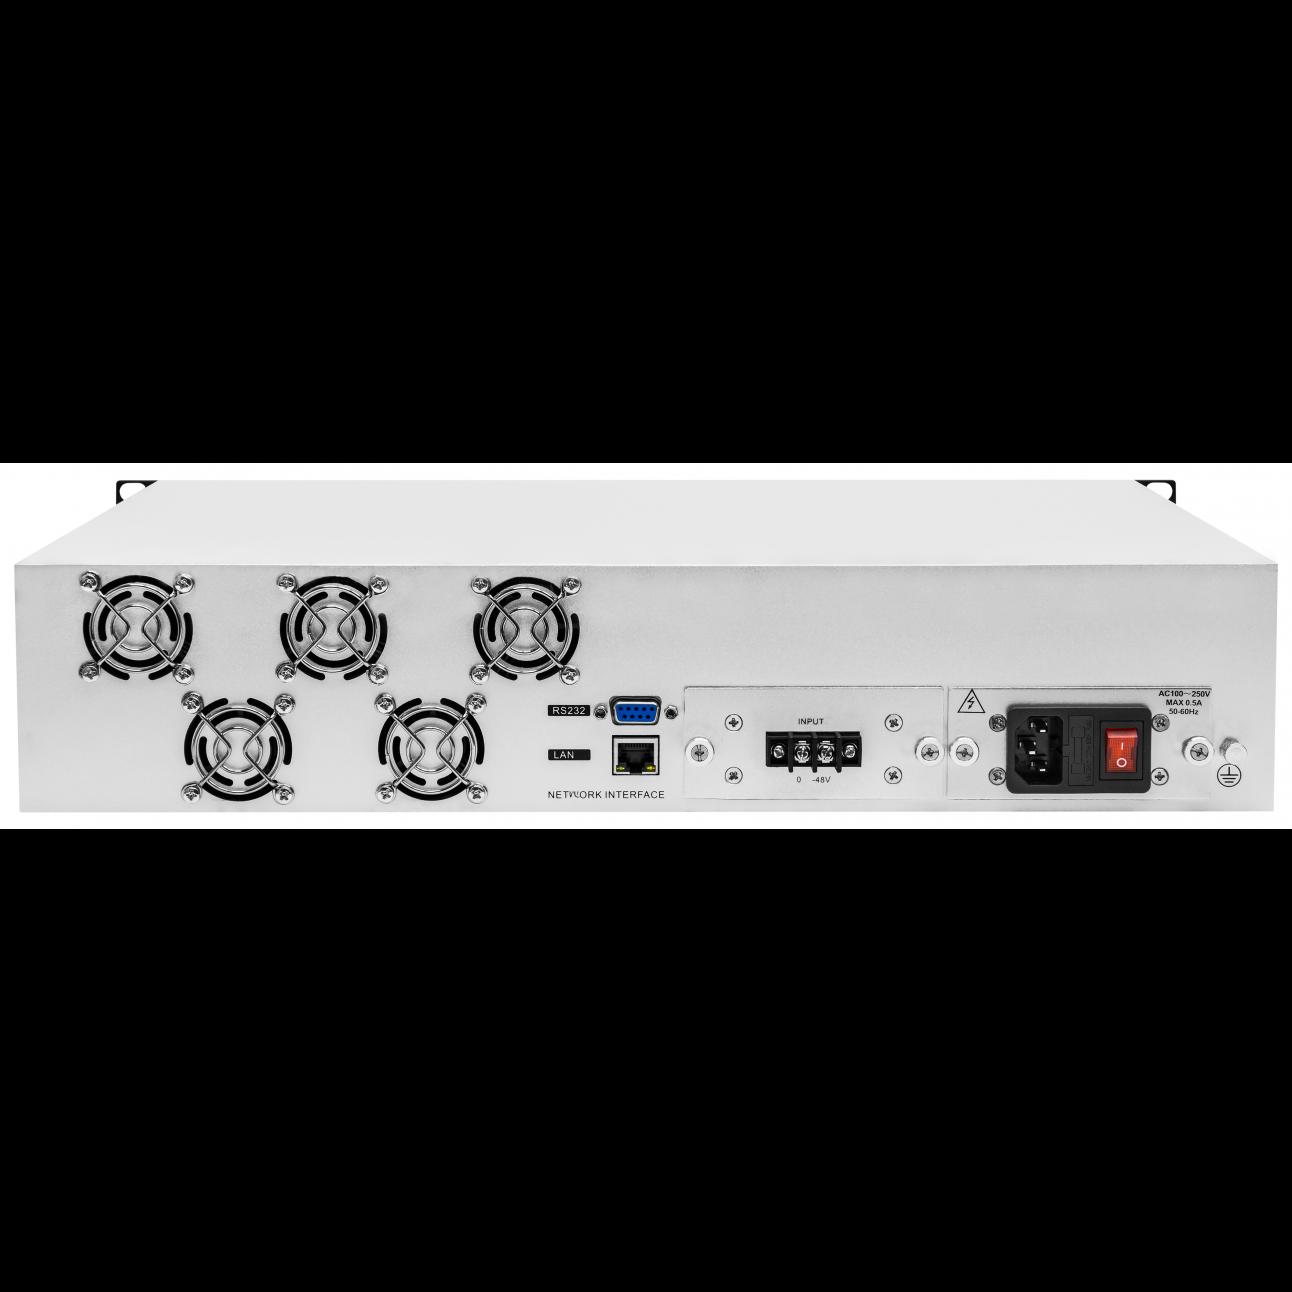 Оптический усилитель VERMAX для сетей КТВ, 2 входа, 32*16dBm выхода